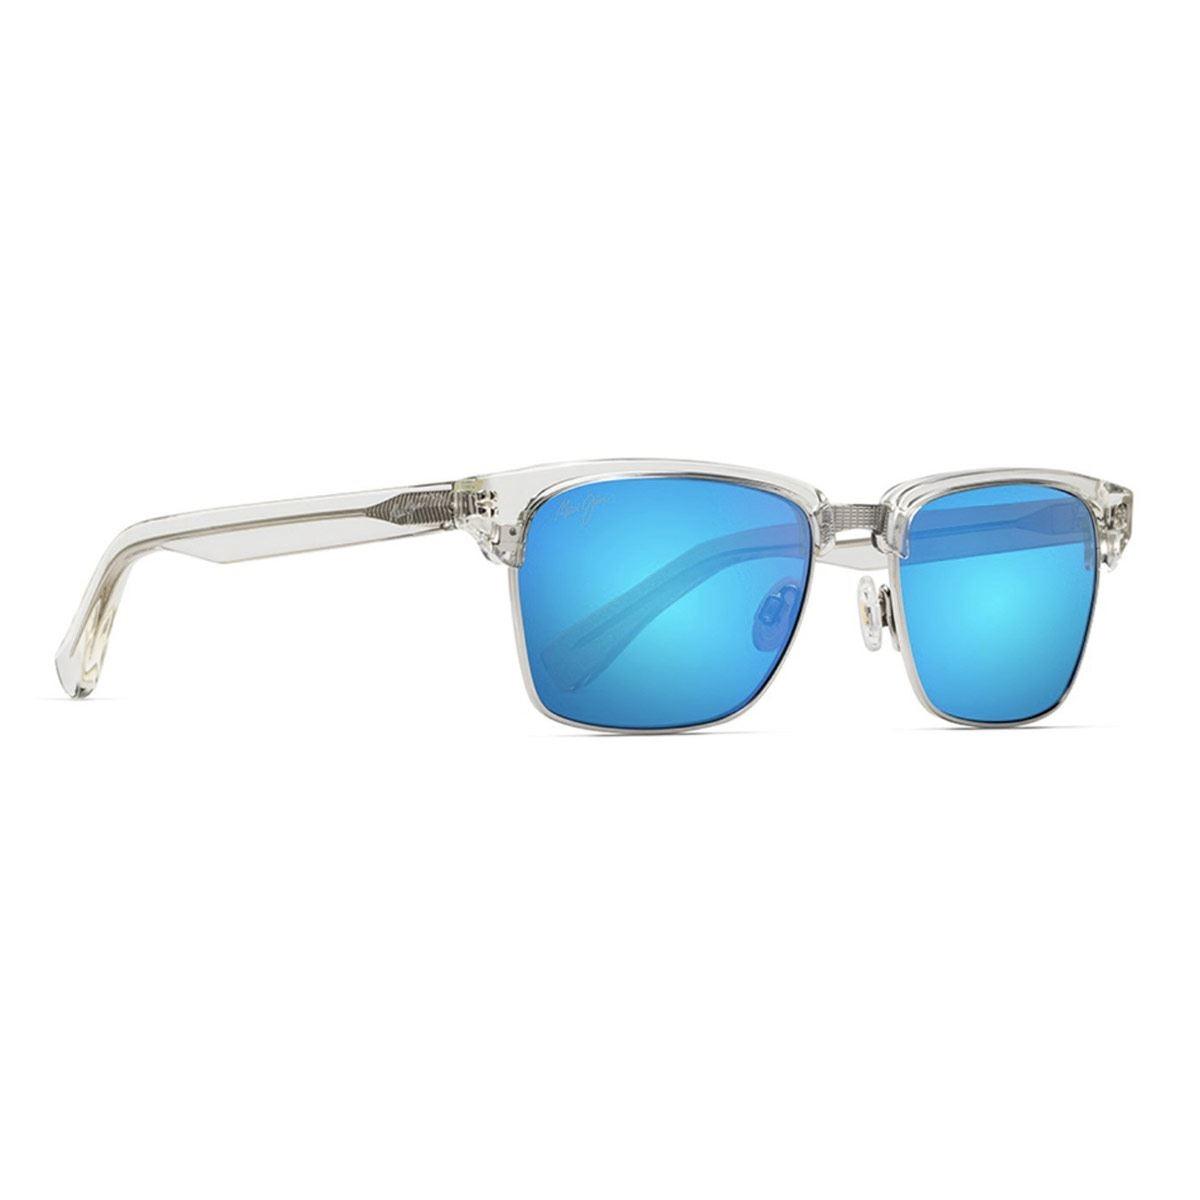 Lente solar Maui Jim armazón transparente mica azul